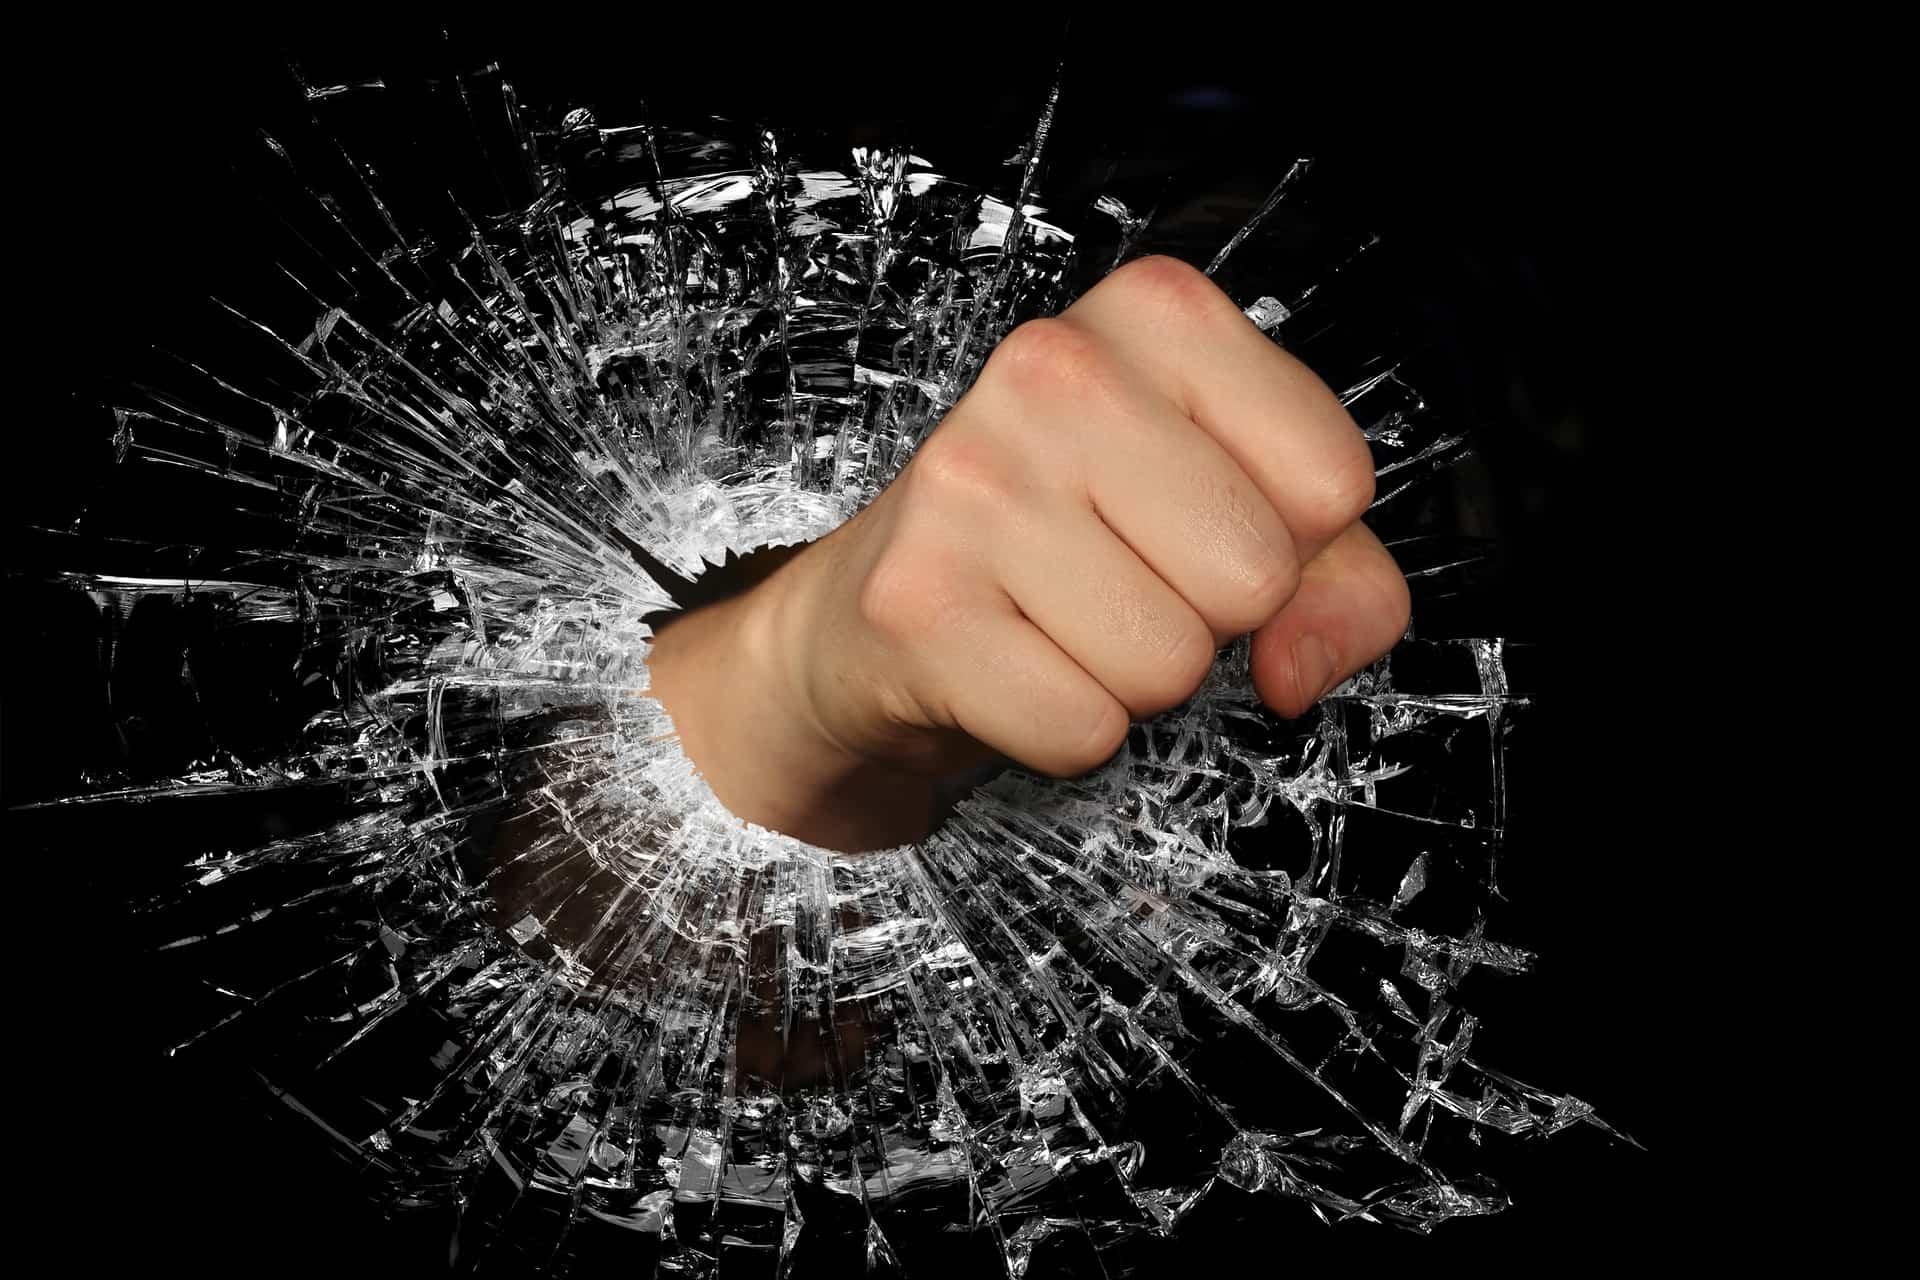 ガラスをぶち破る拳